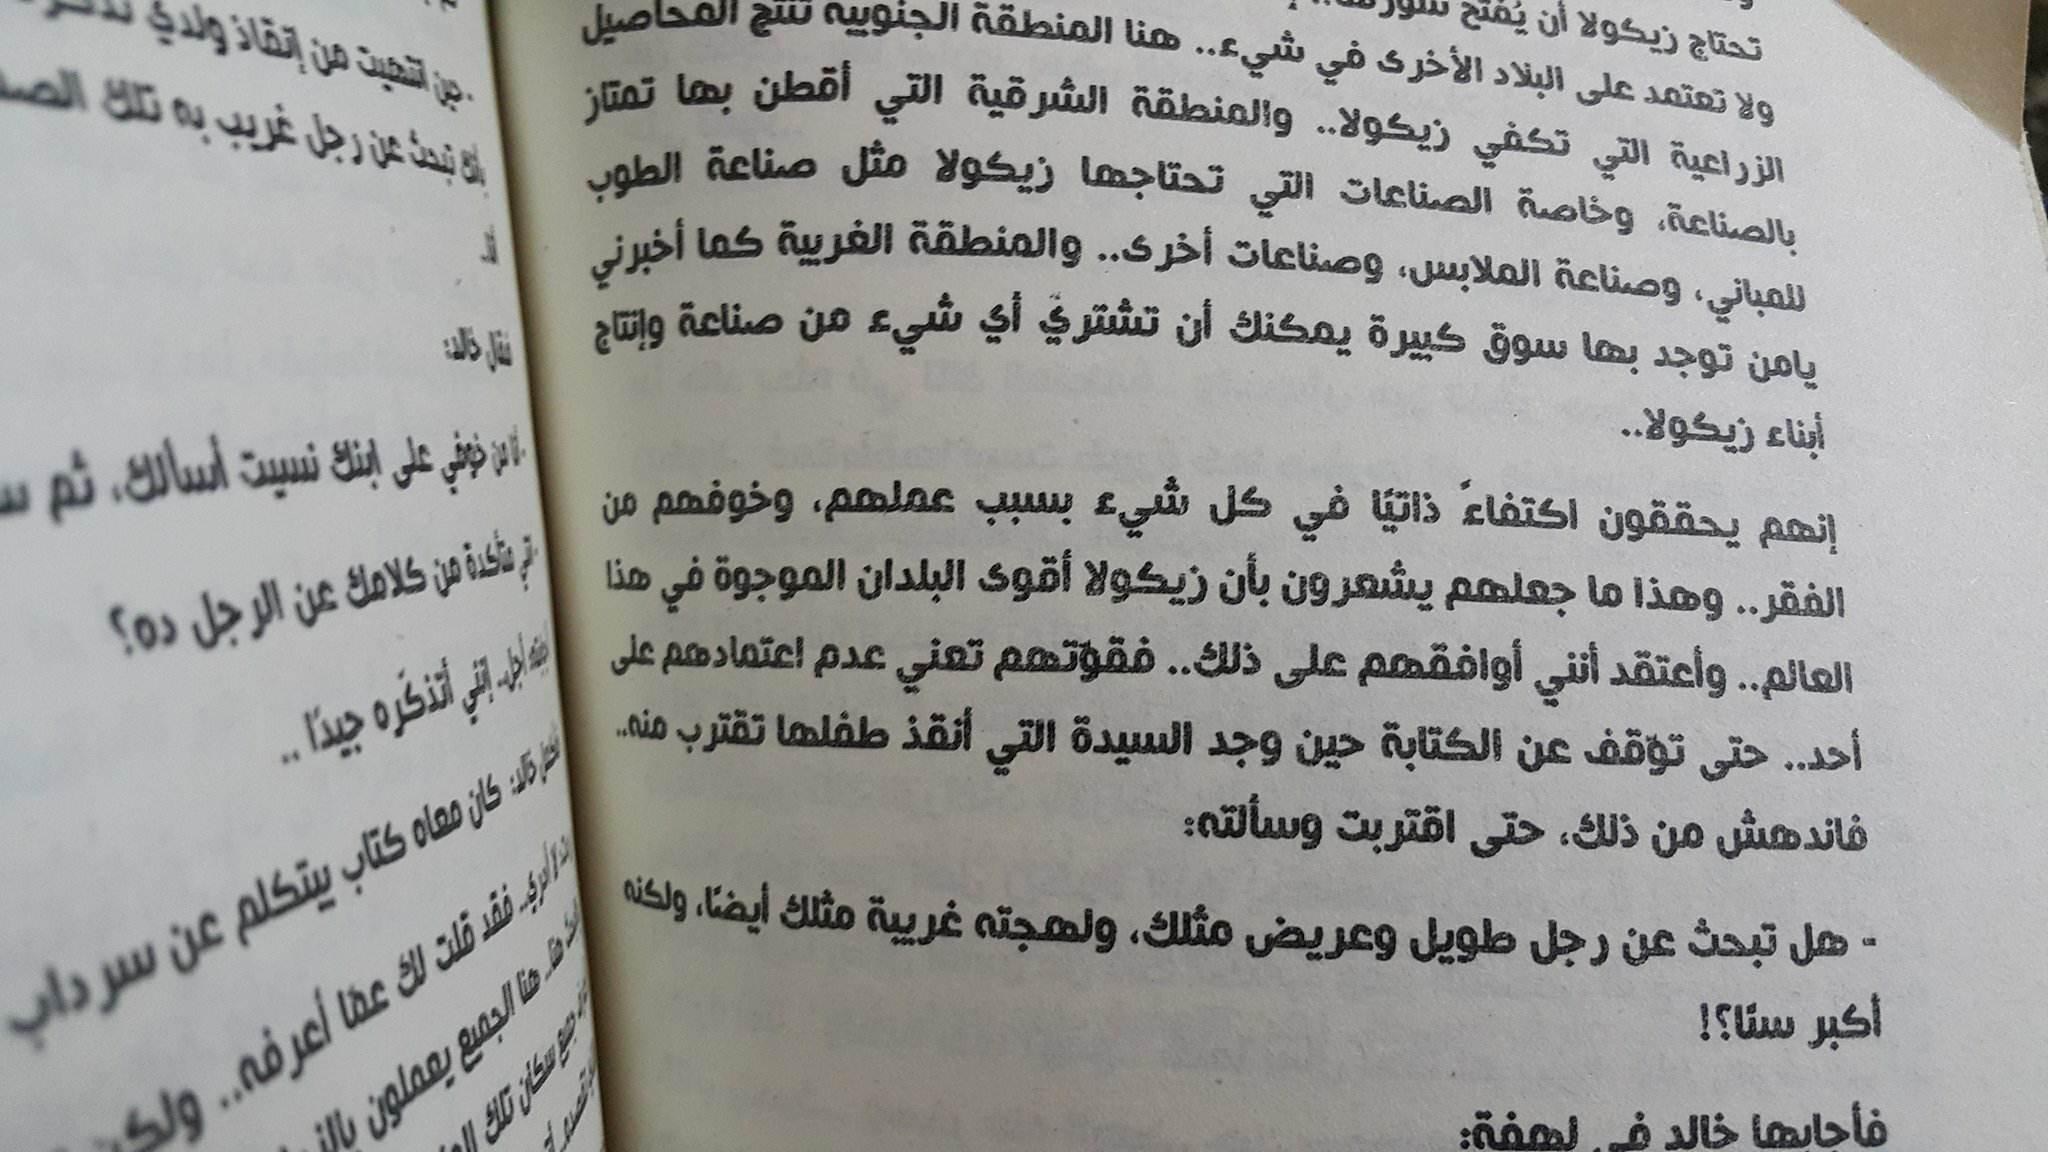 رواية أرض زيكولا - خالد يعثر على دليل يوصله إلى والده